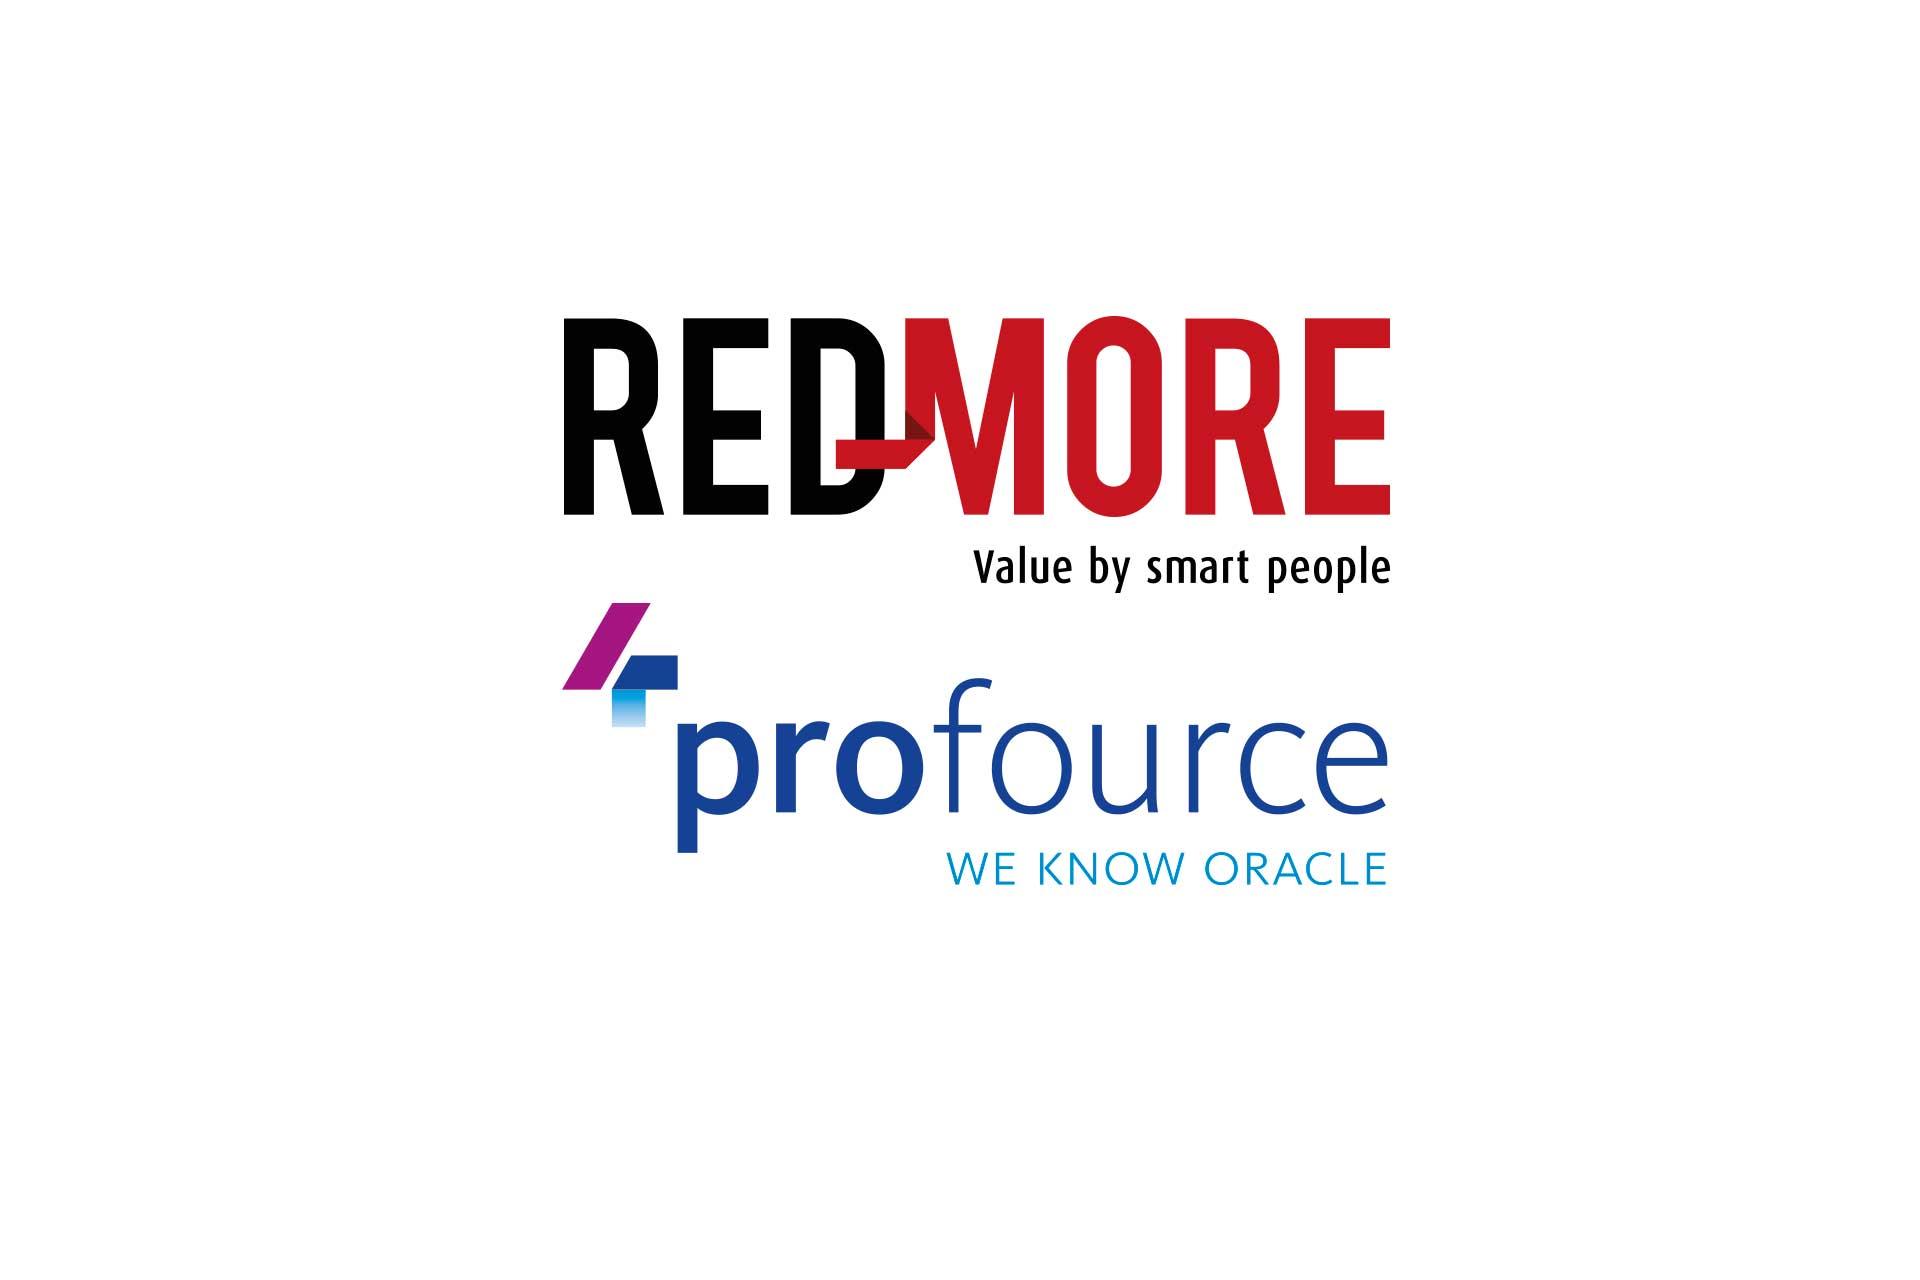 profource-onderdeel-van-redmore